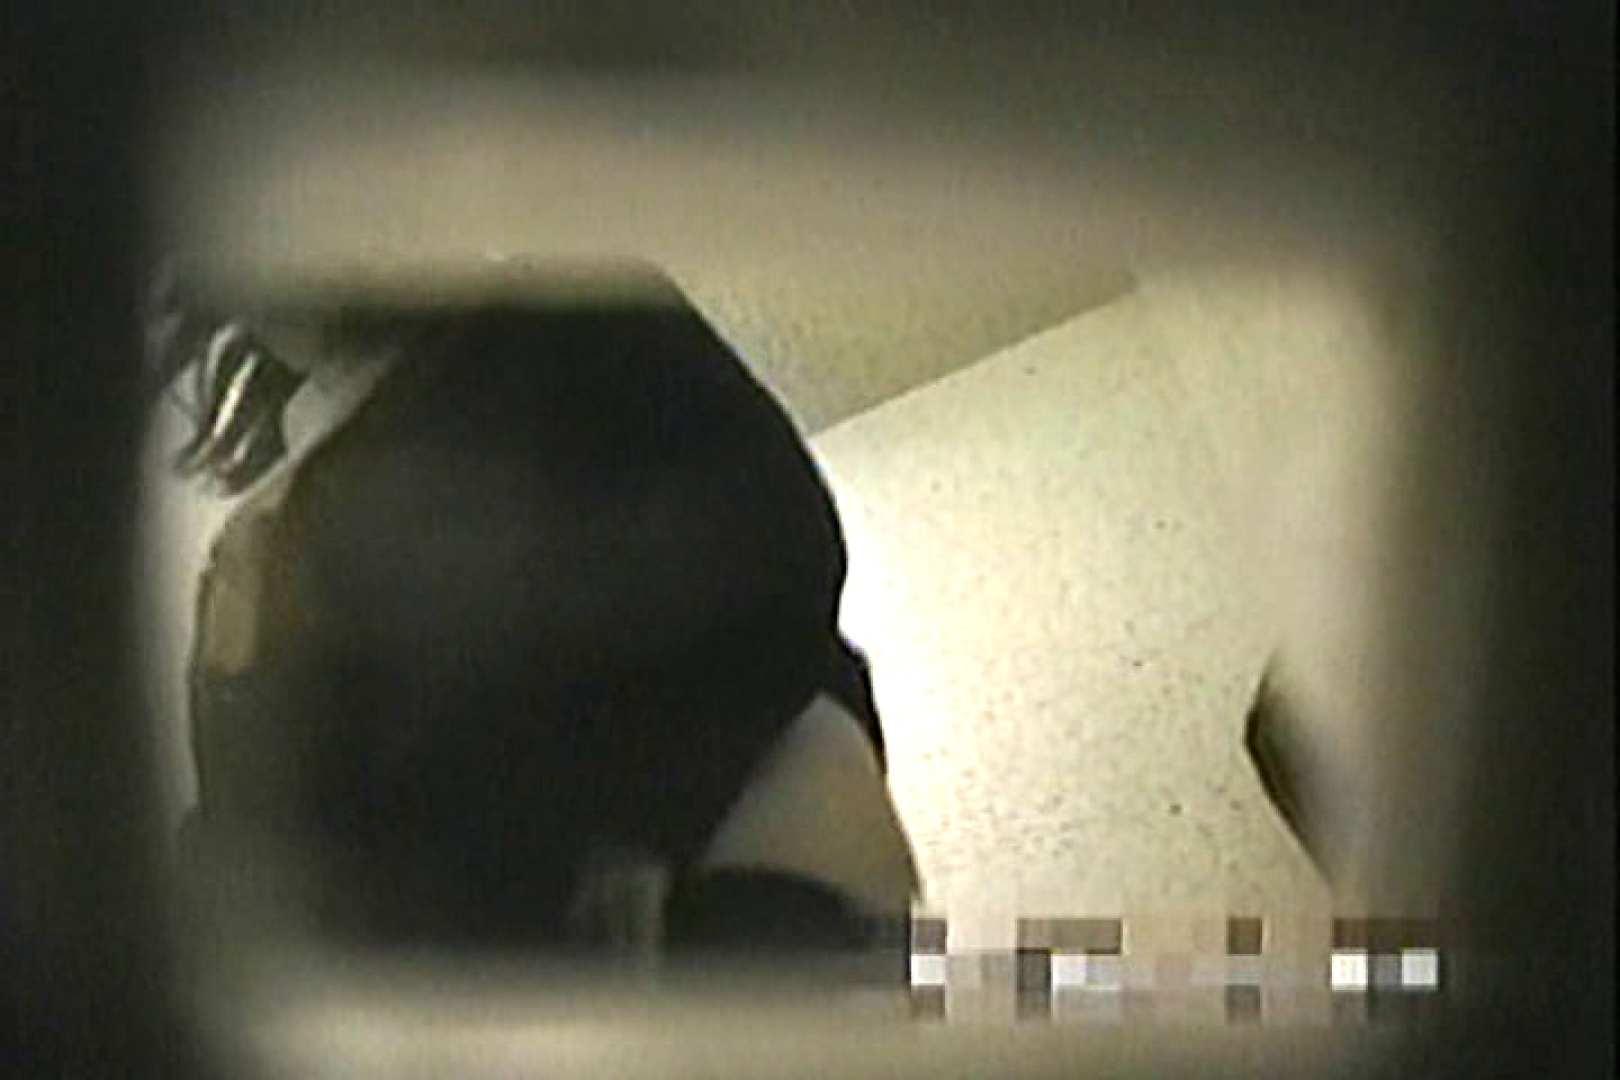 女子洗面所盗撮 今度の2カメは若い子だらけ  TK-127 おまんこ  76枚 35